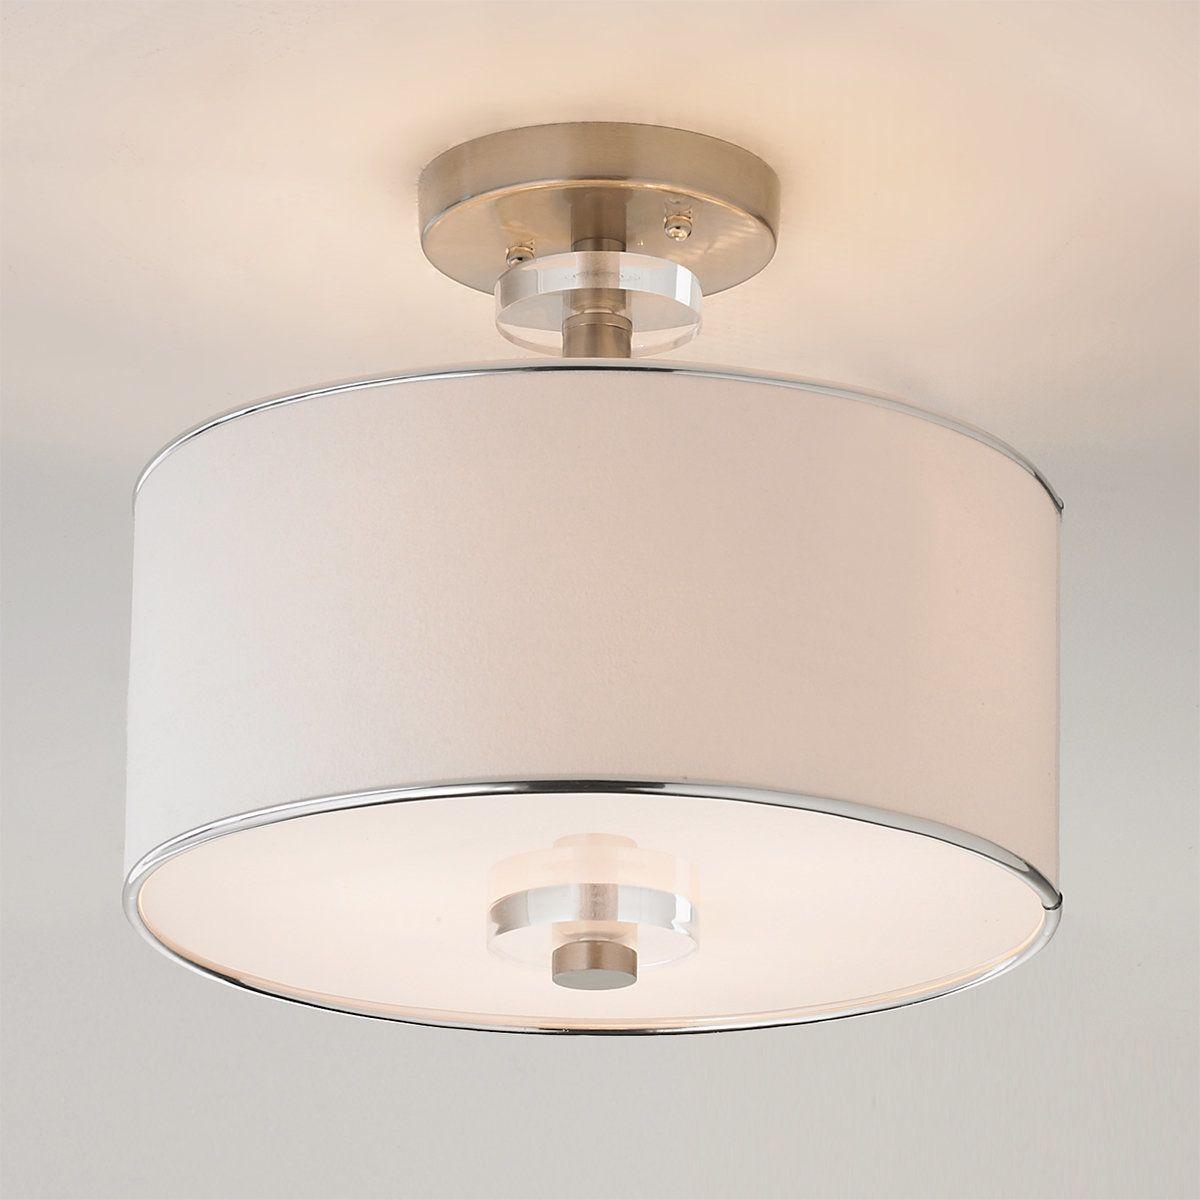 Modern Sleek Semi Flush Ceiling Light In 2021 Semi Flush Ceiling Lights Ceiling Light Shades Ceiling Lights